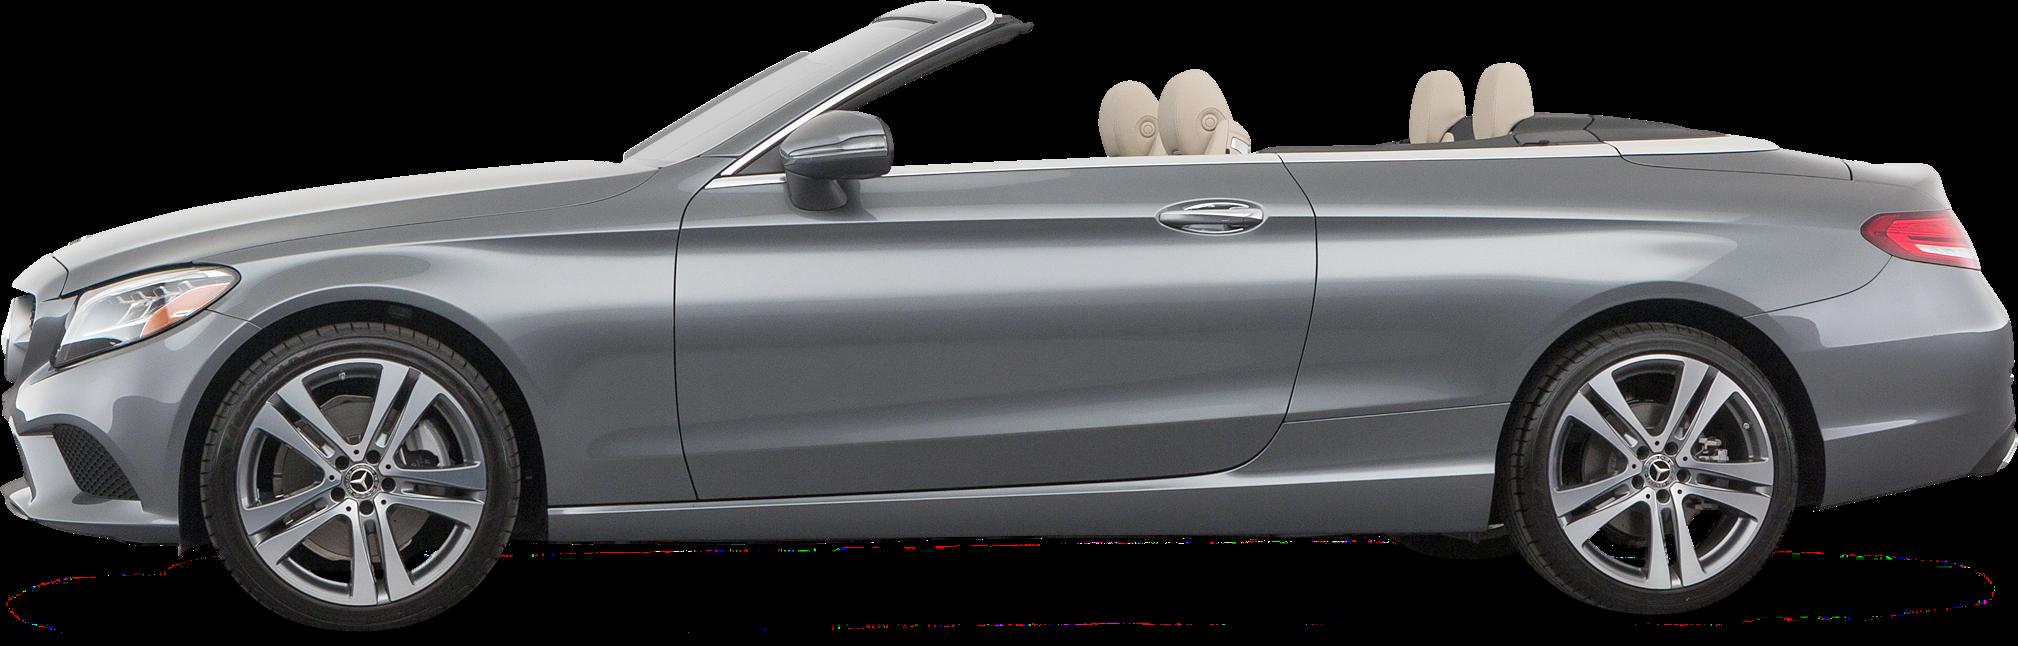 2021 Mercedes-Benz C-Class Cabriolet C 300 4MATIC